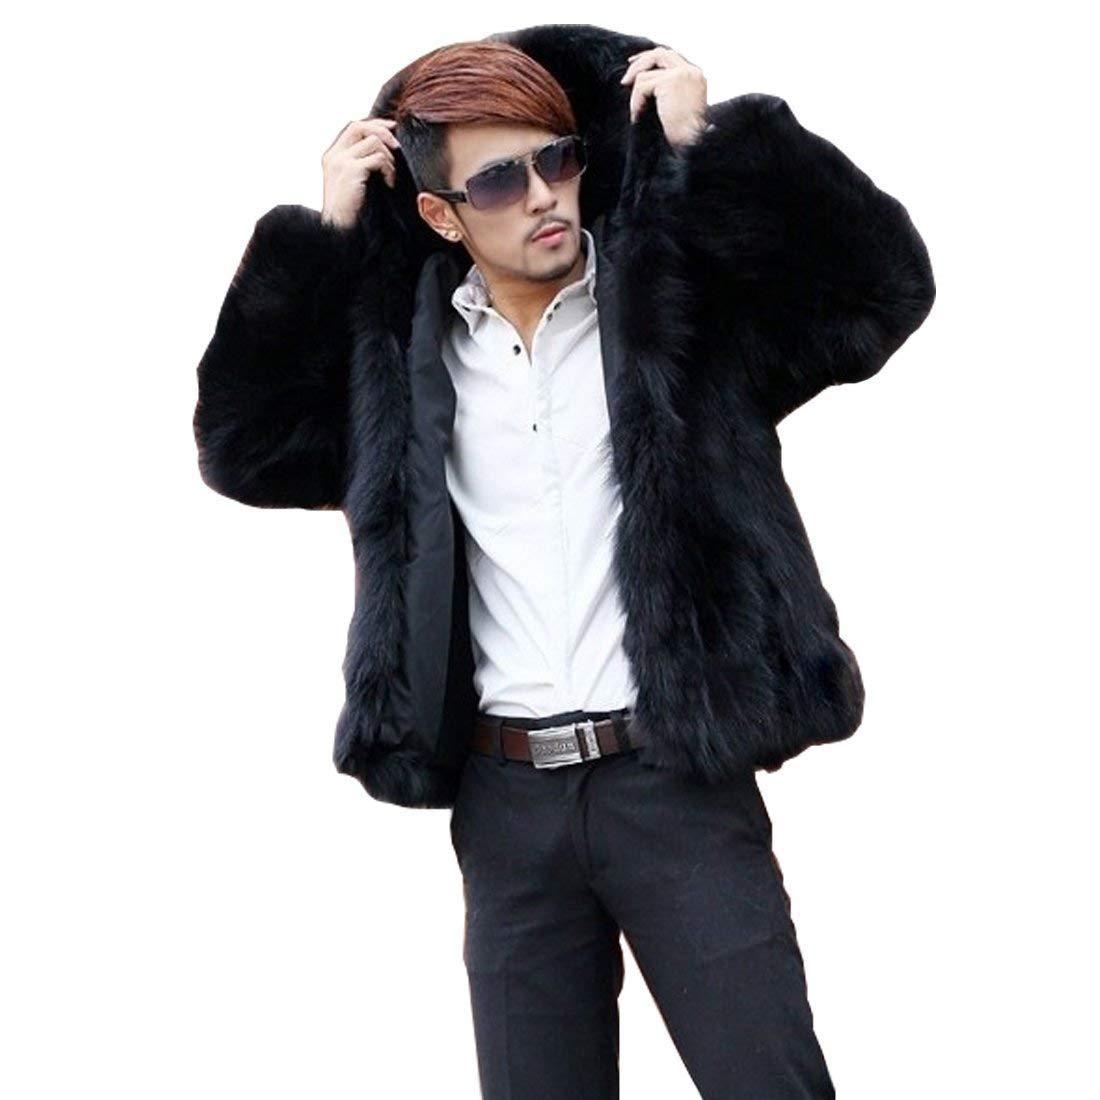 Targogo Giacca In Pelliccia Da Uomo Cappotto In In Pelliccia Pelliccia  Giacca In Cappotto Vintage Sintetica 5898b1f37be